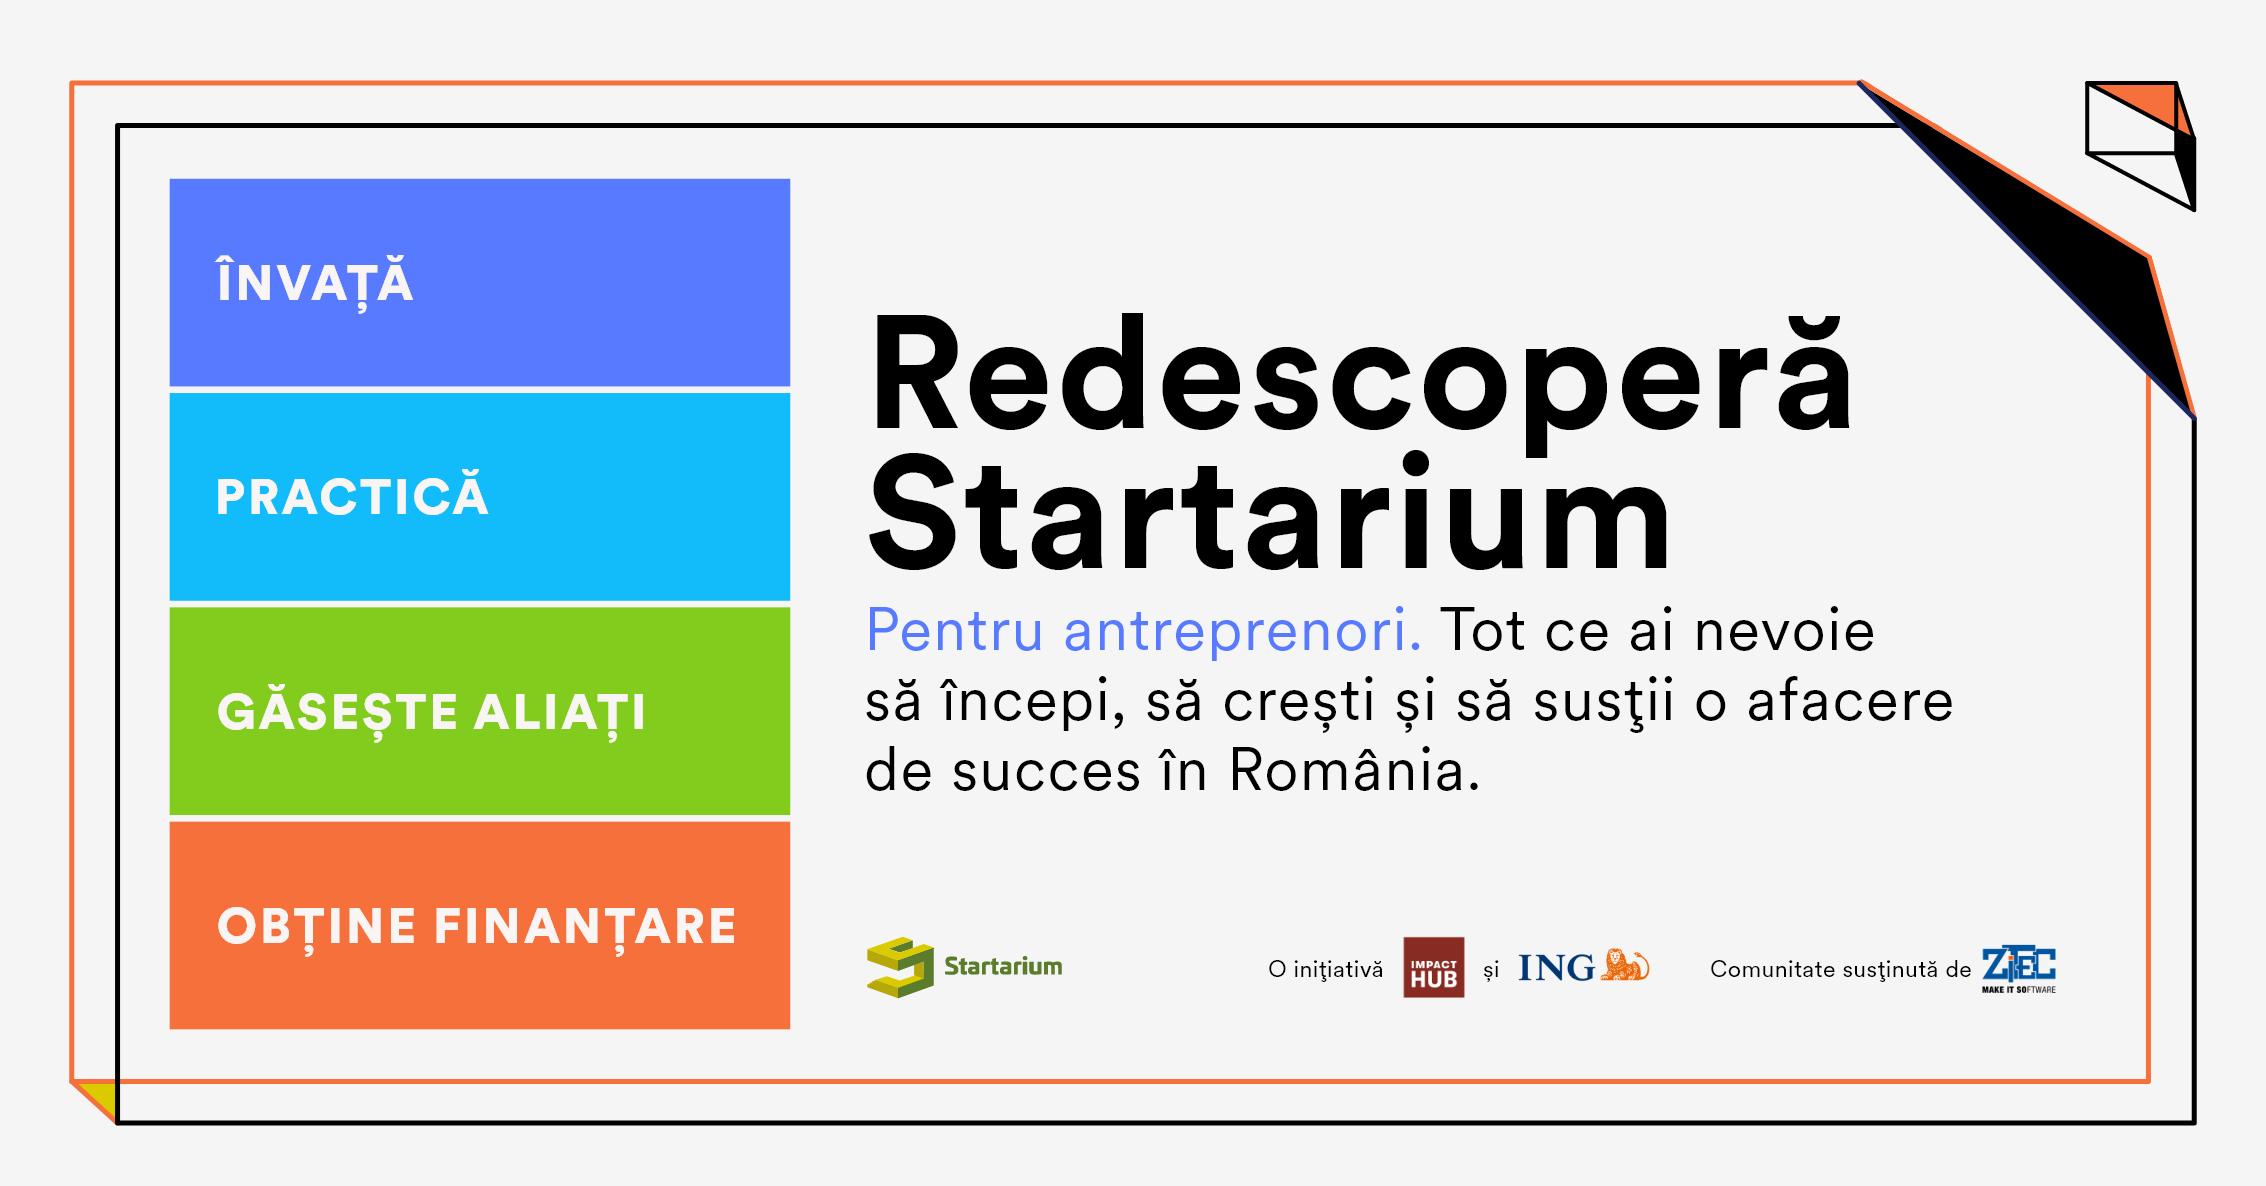 Startarium anunță noi planuri și produse cu care va susține 100.000 de antreprenori români